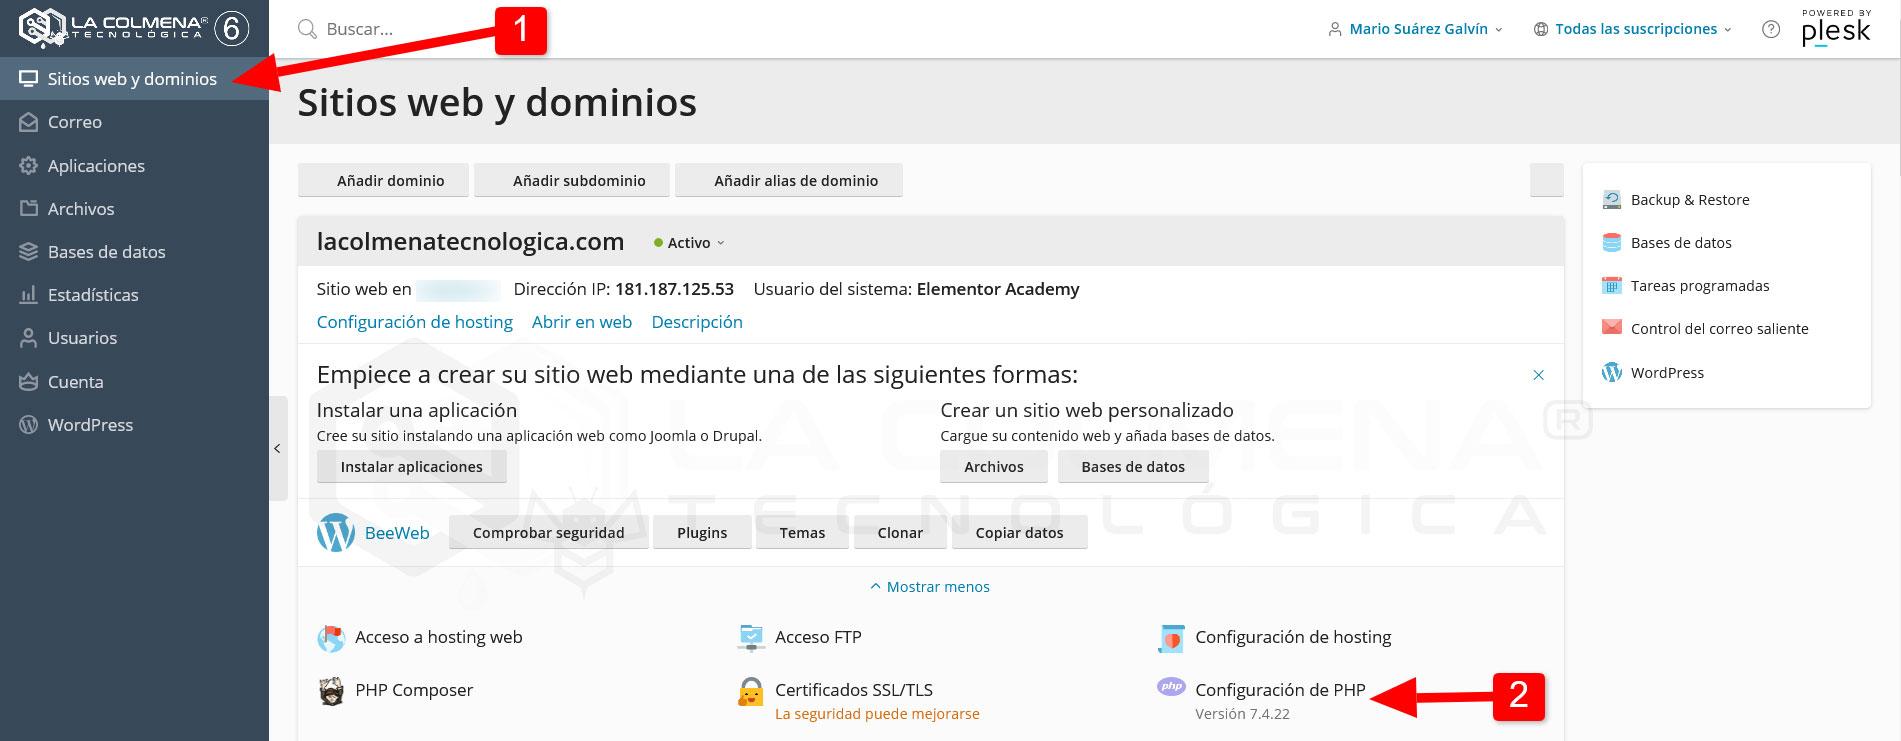 Plesk - Sitios web y dominios